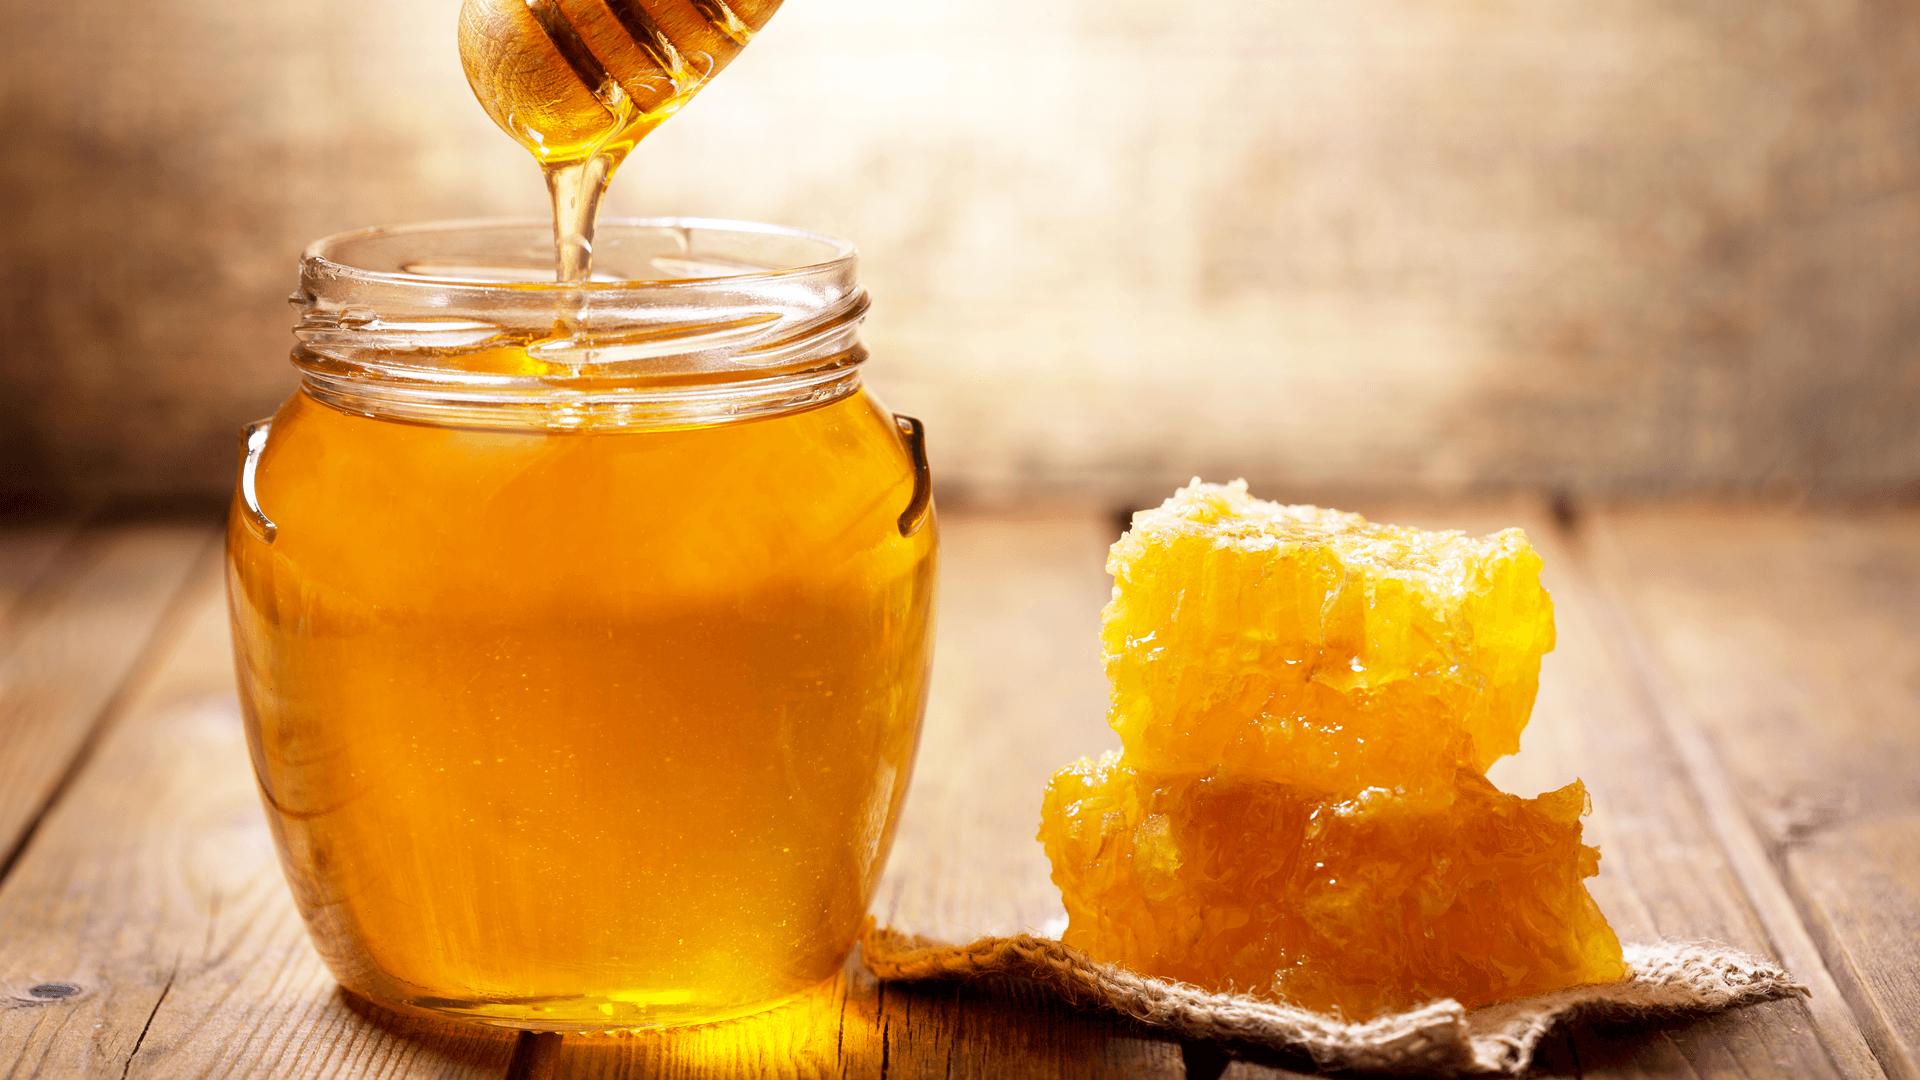 Biết cách trị thâm môi từ dầu gấc hiệu quả